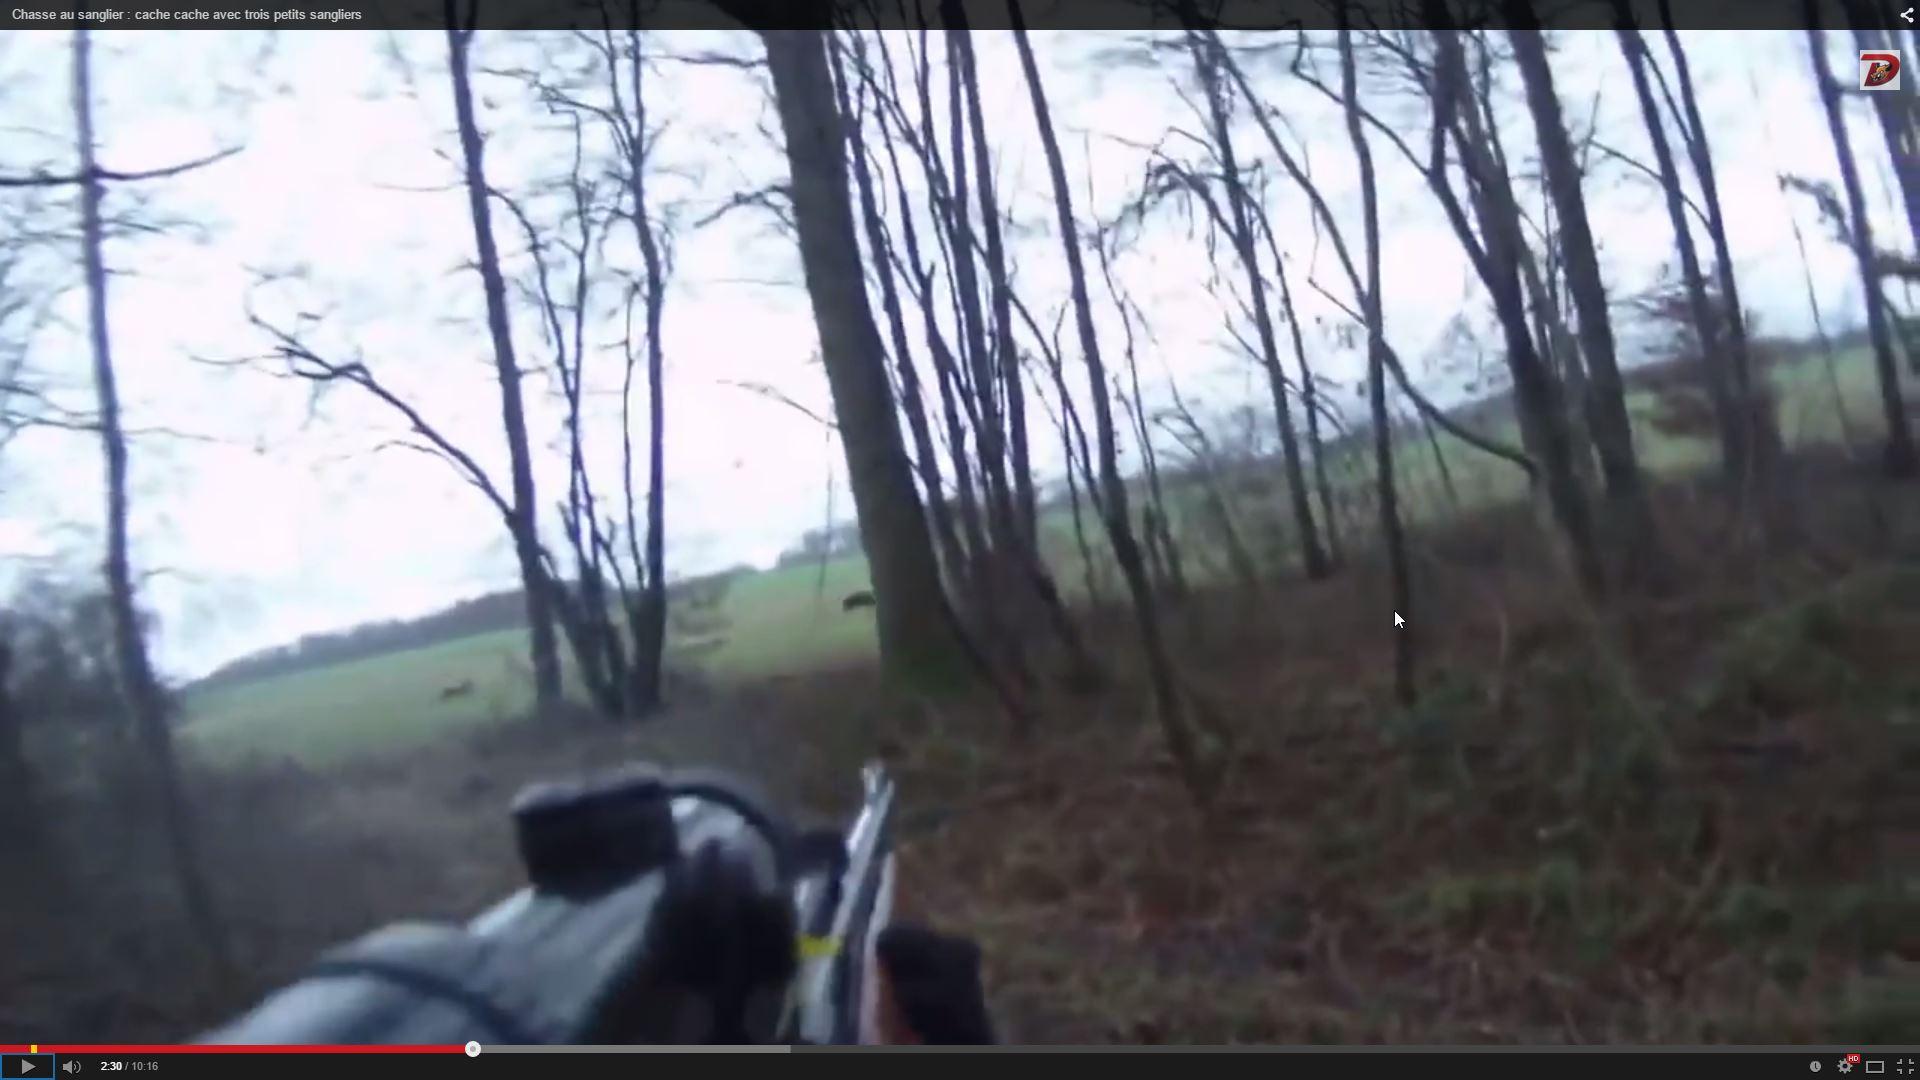 2015-02-11 10_00_34-Chasse au sanglier _ cache cache avec trois petits sangliers - YouTube